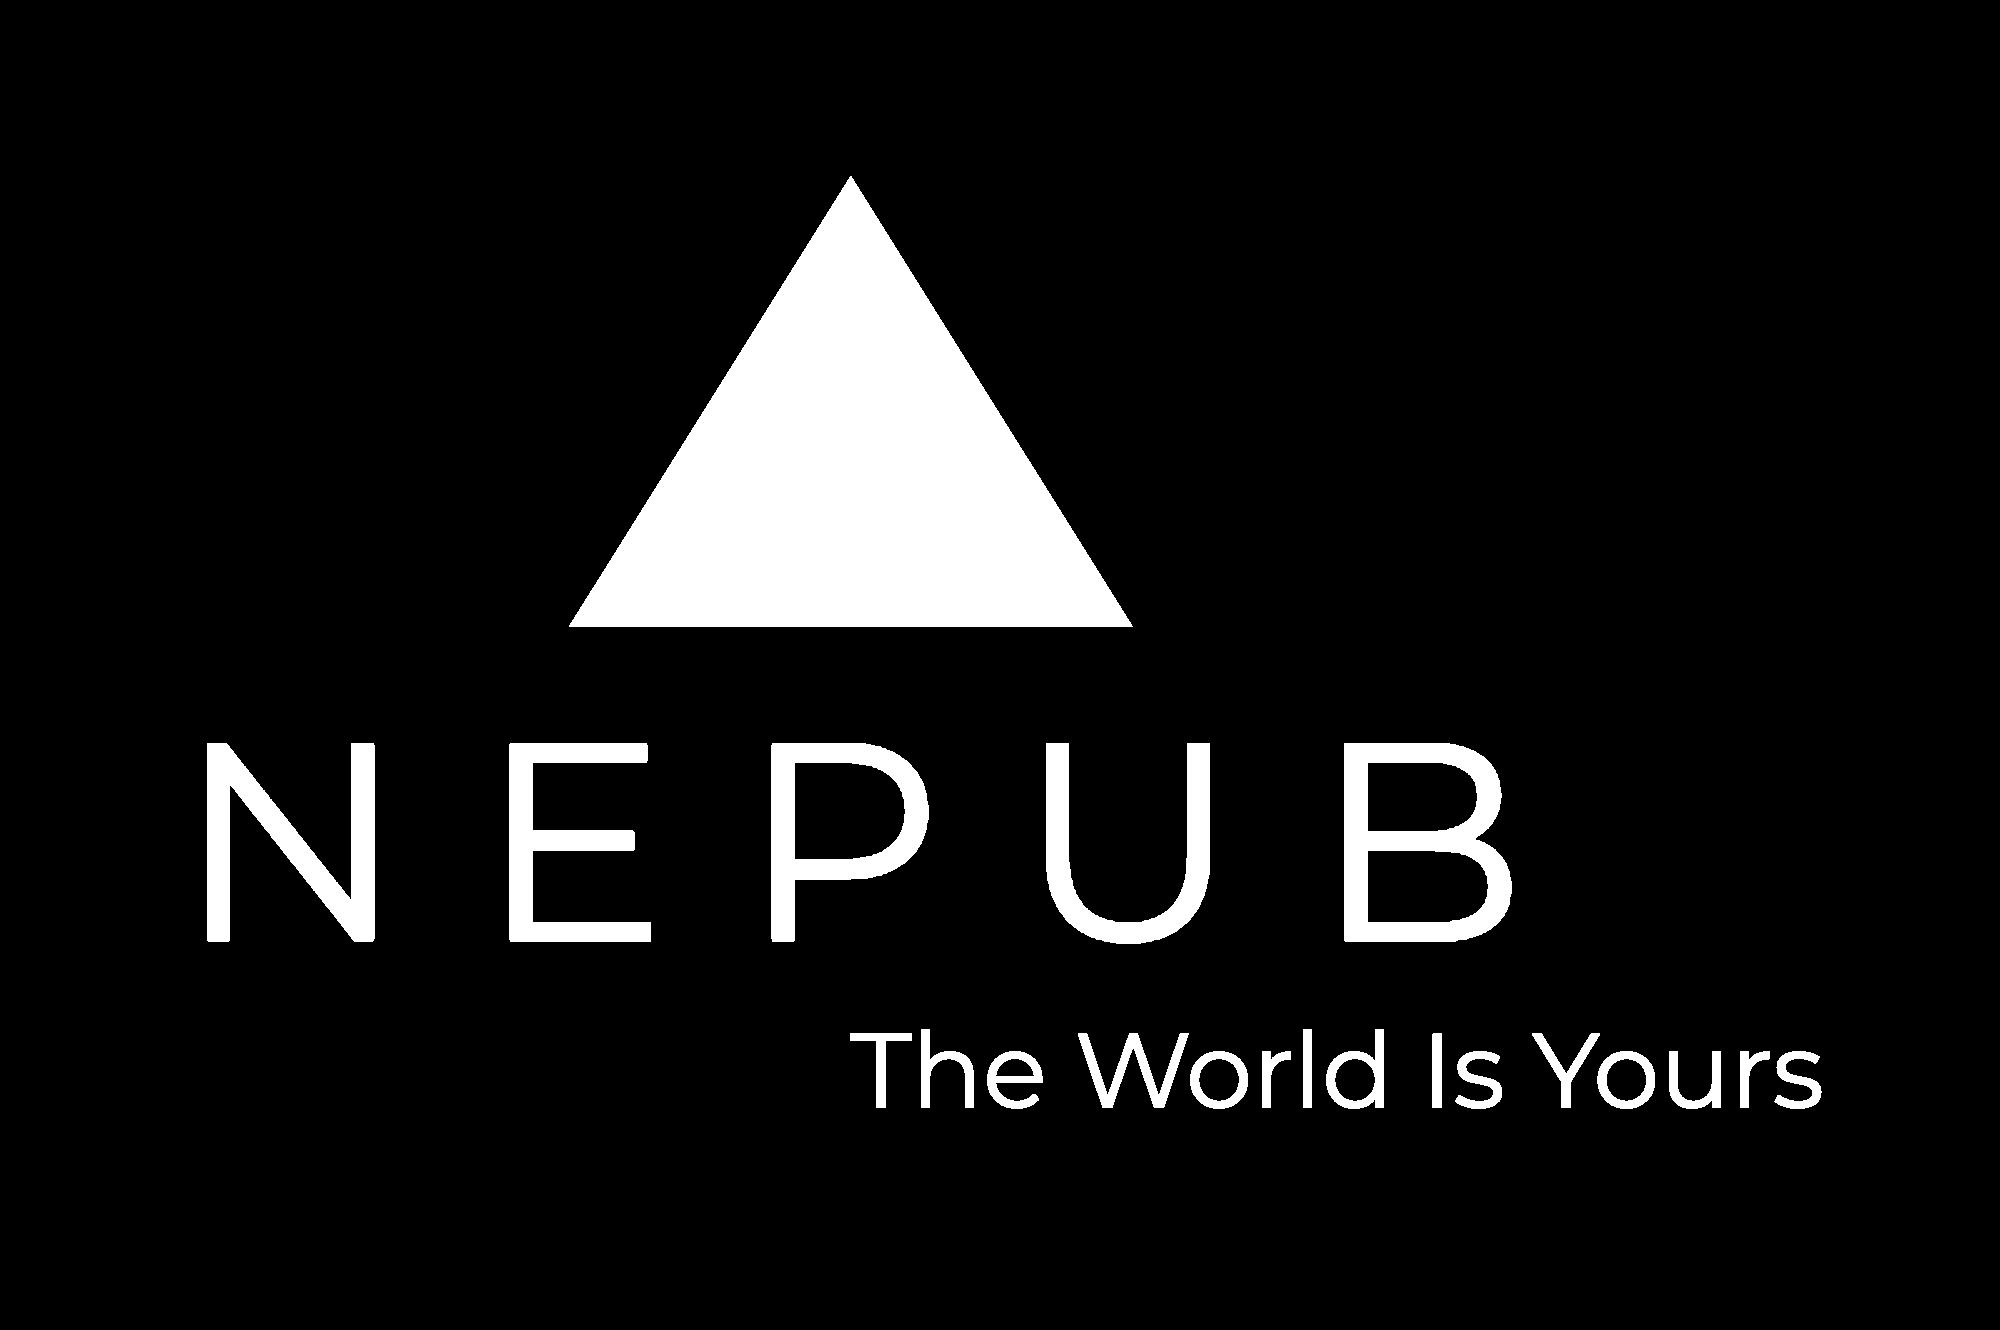 N E P U B